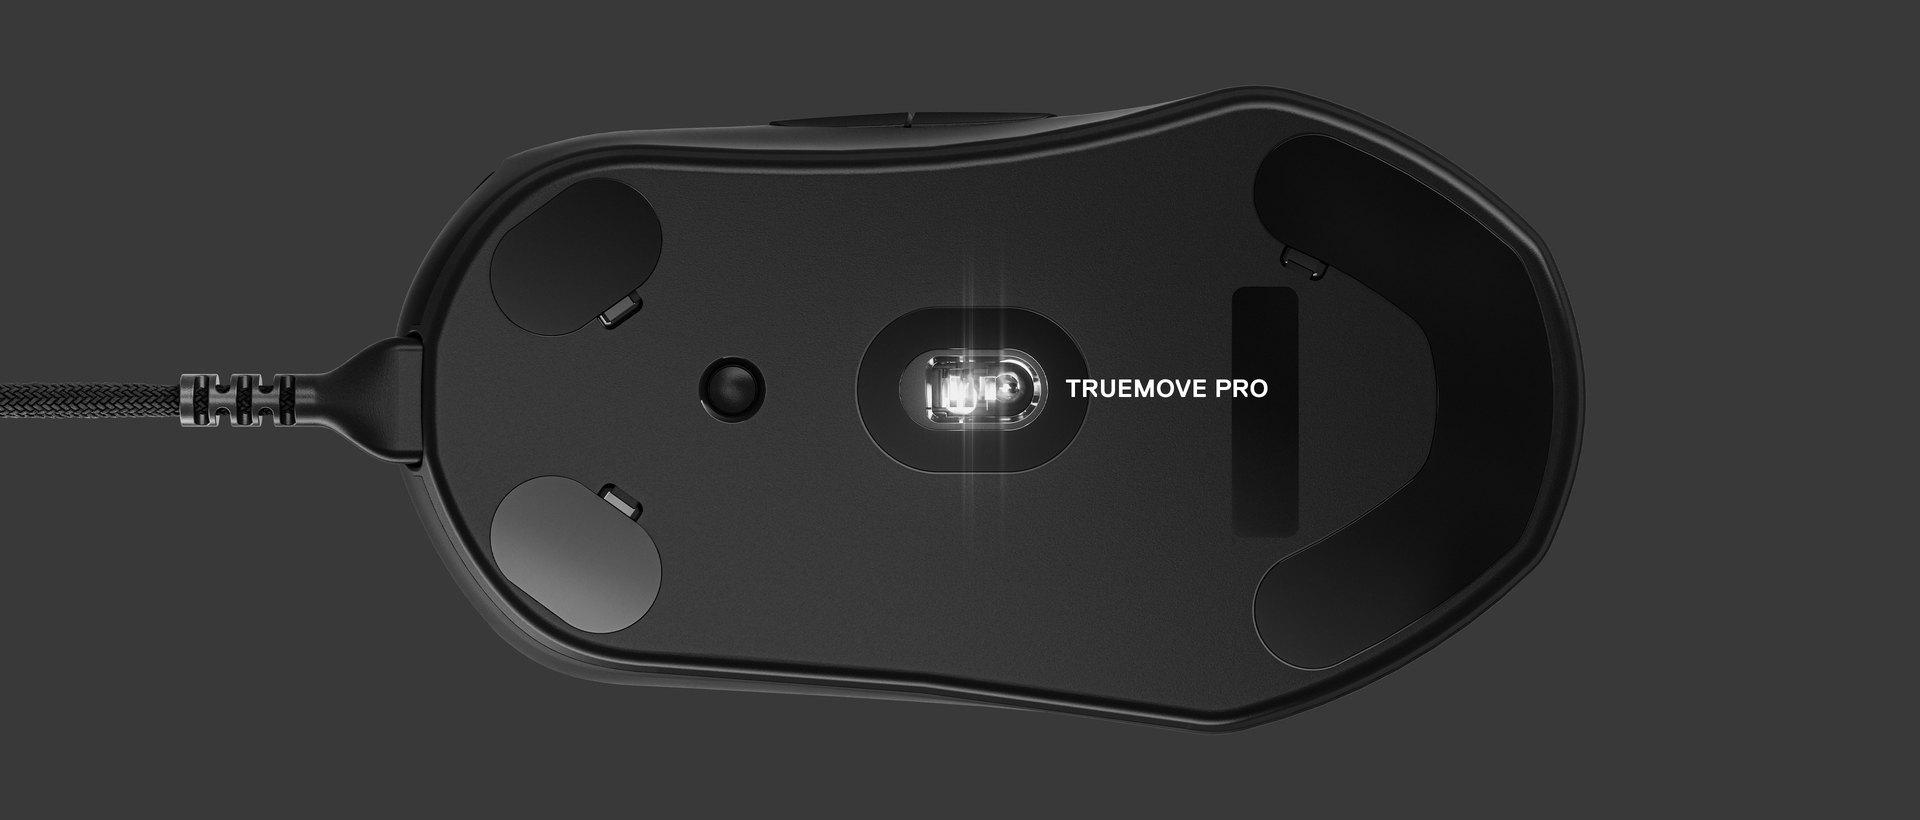 滑鼠底部圖,標籤標示出感應器。右側文字:TrueMove Pro。